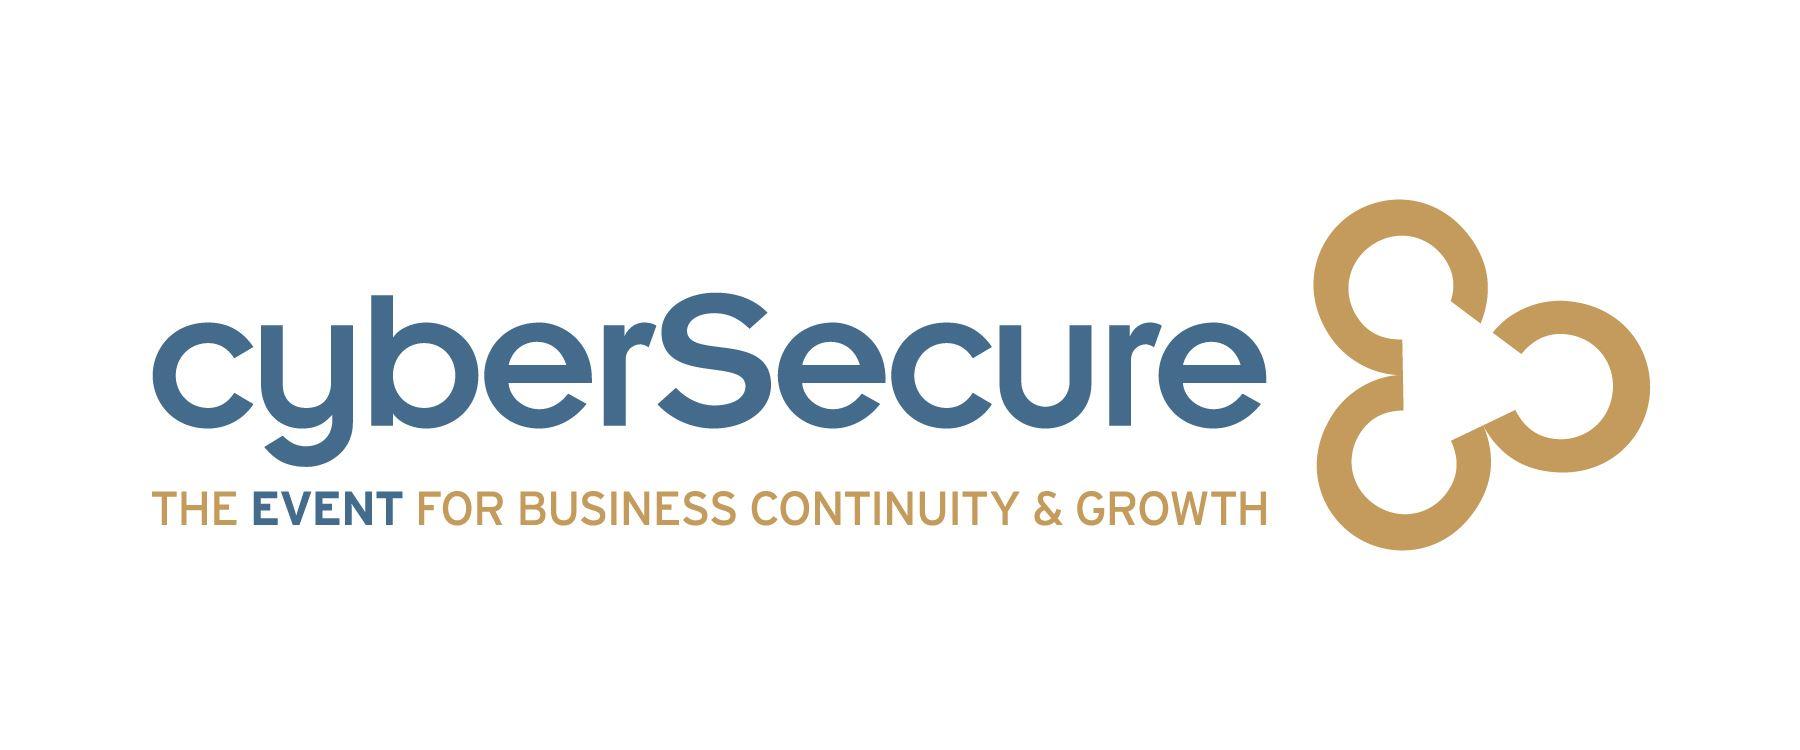 Cybersecure alm